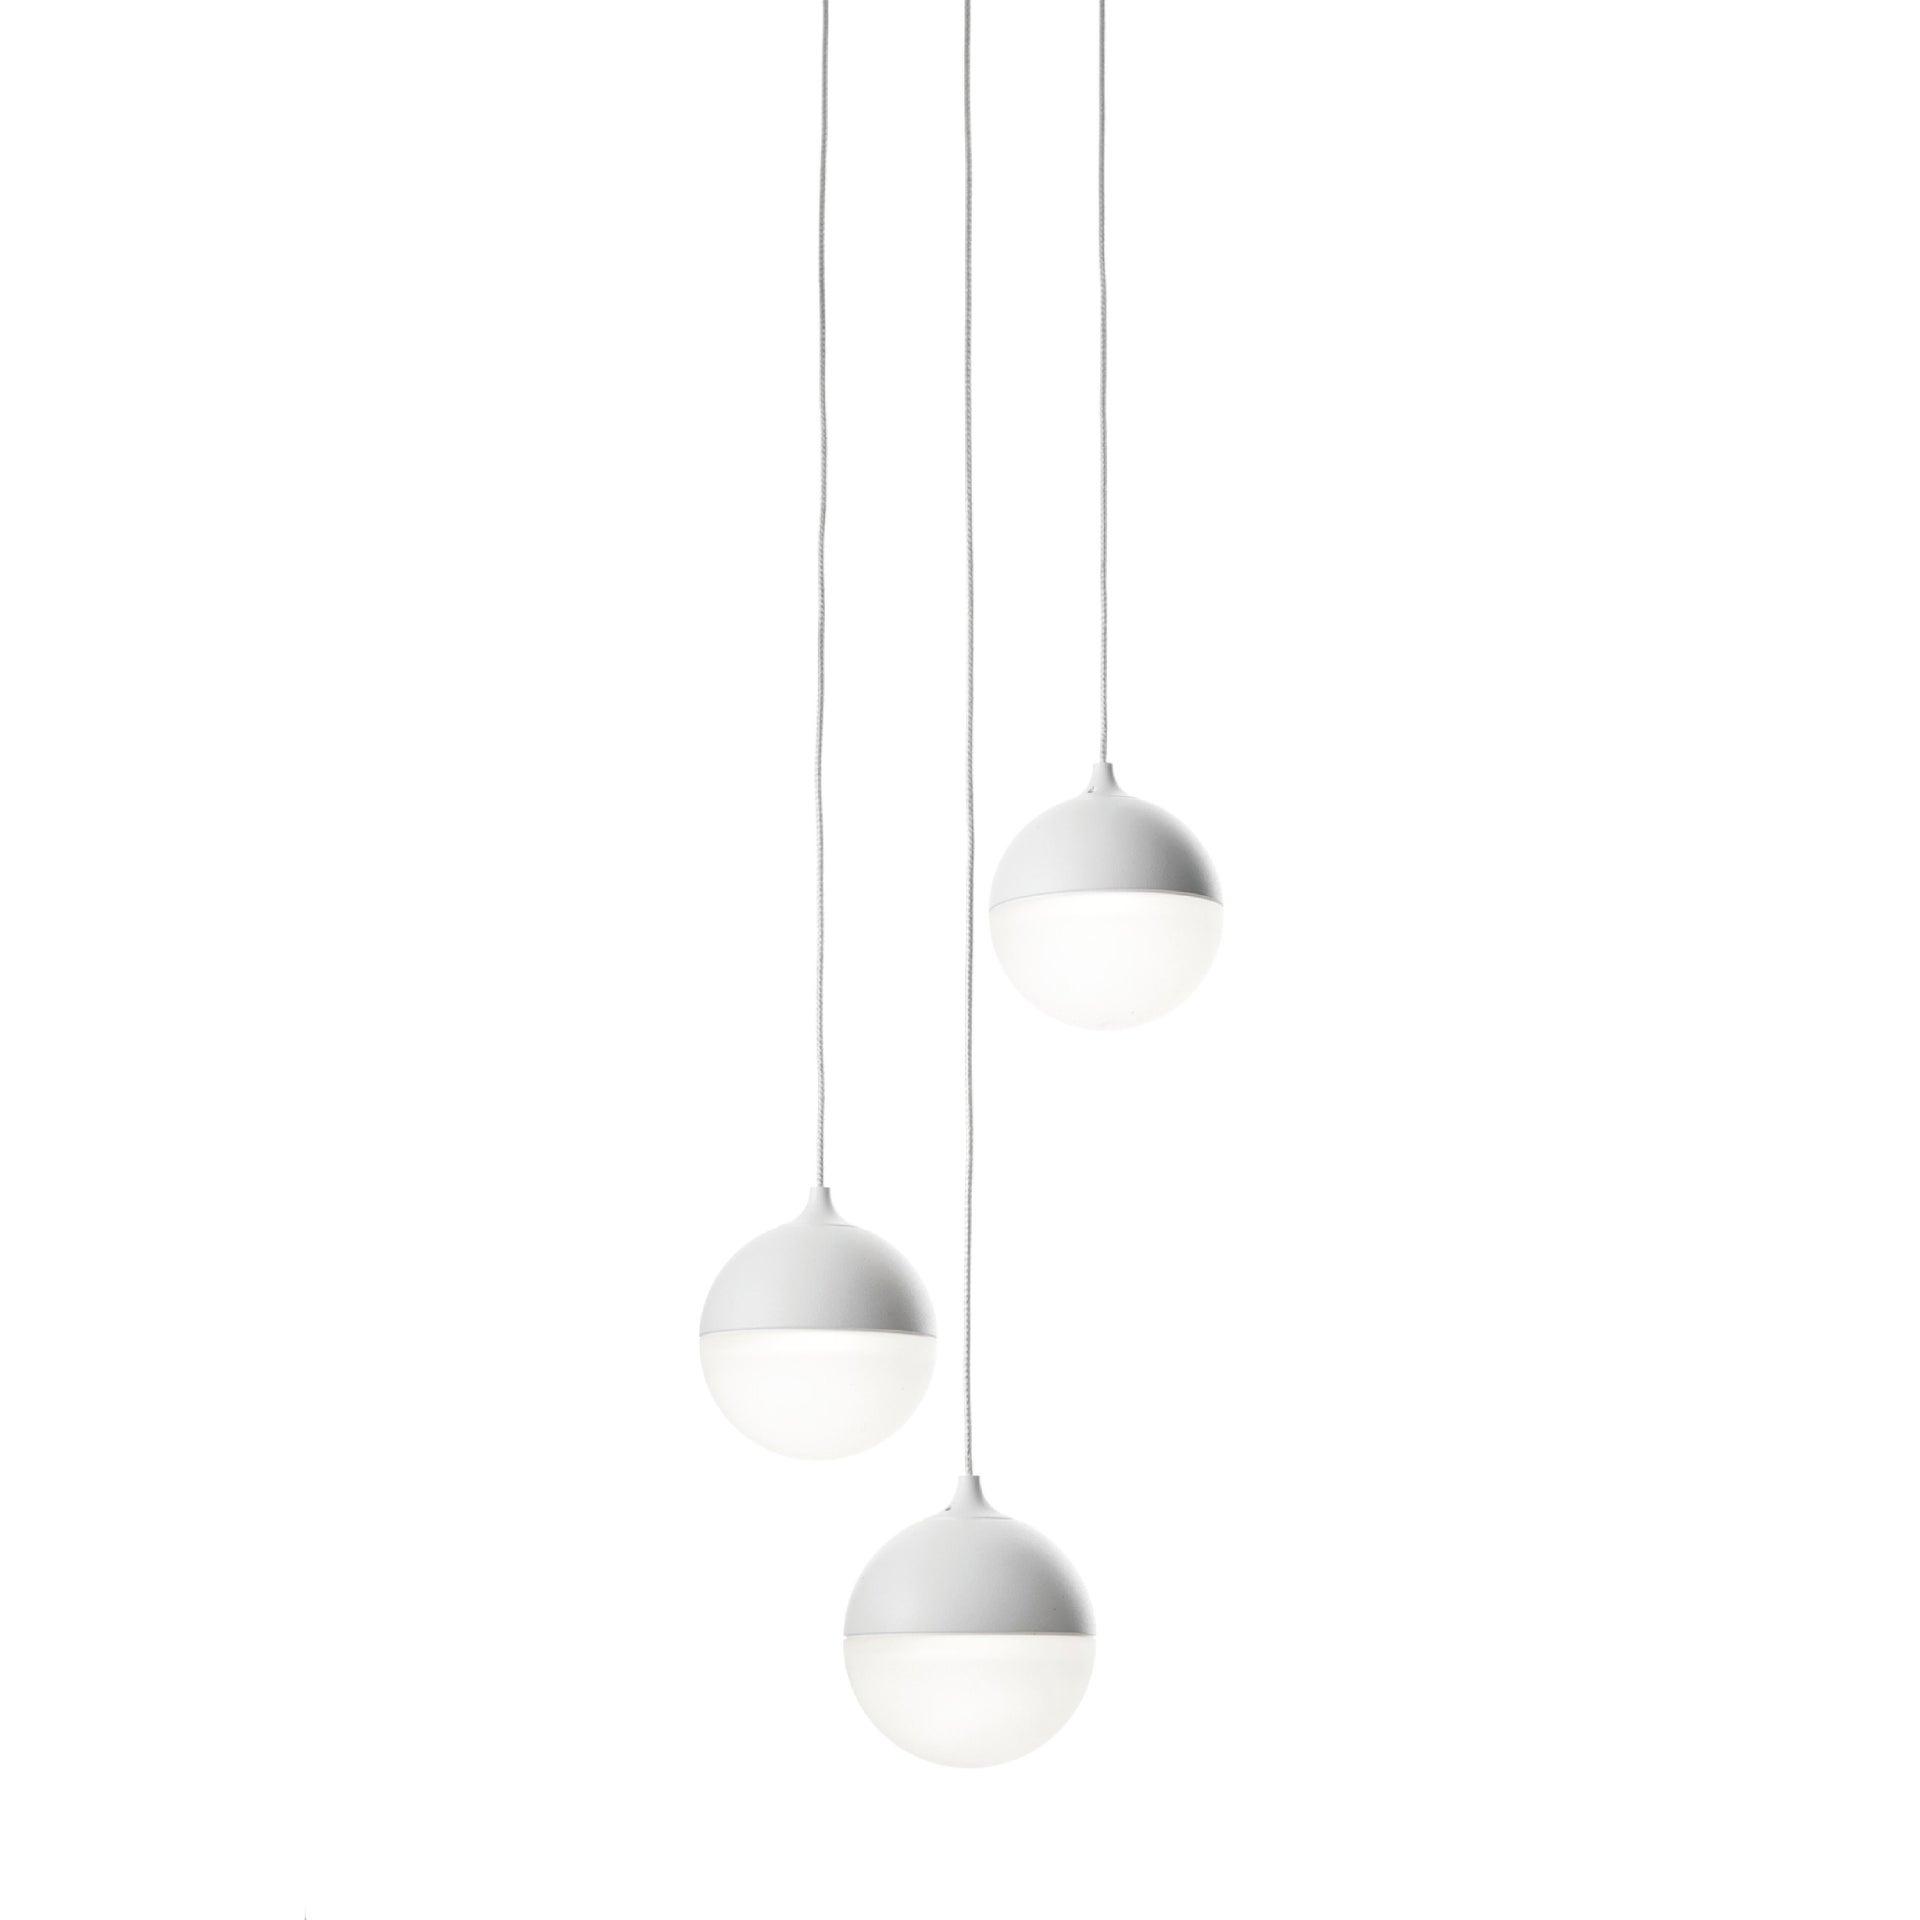 Lampadario Design Sky fall LED integrato bianco, in alluminio, L. 212 cm - 1